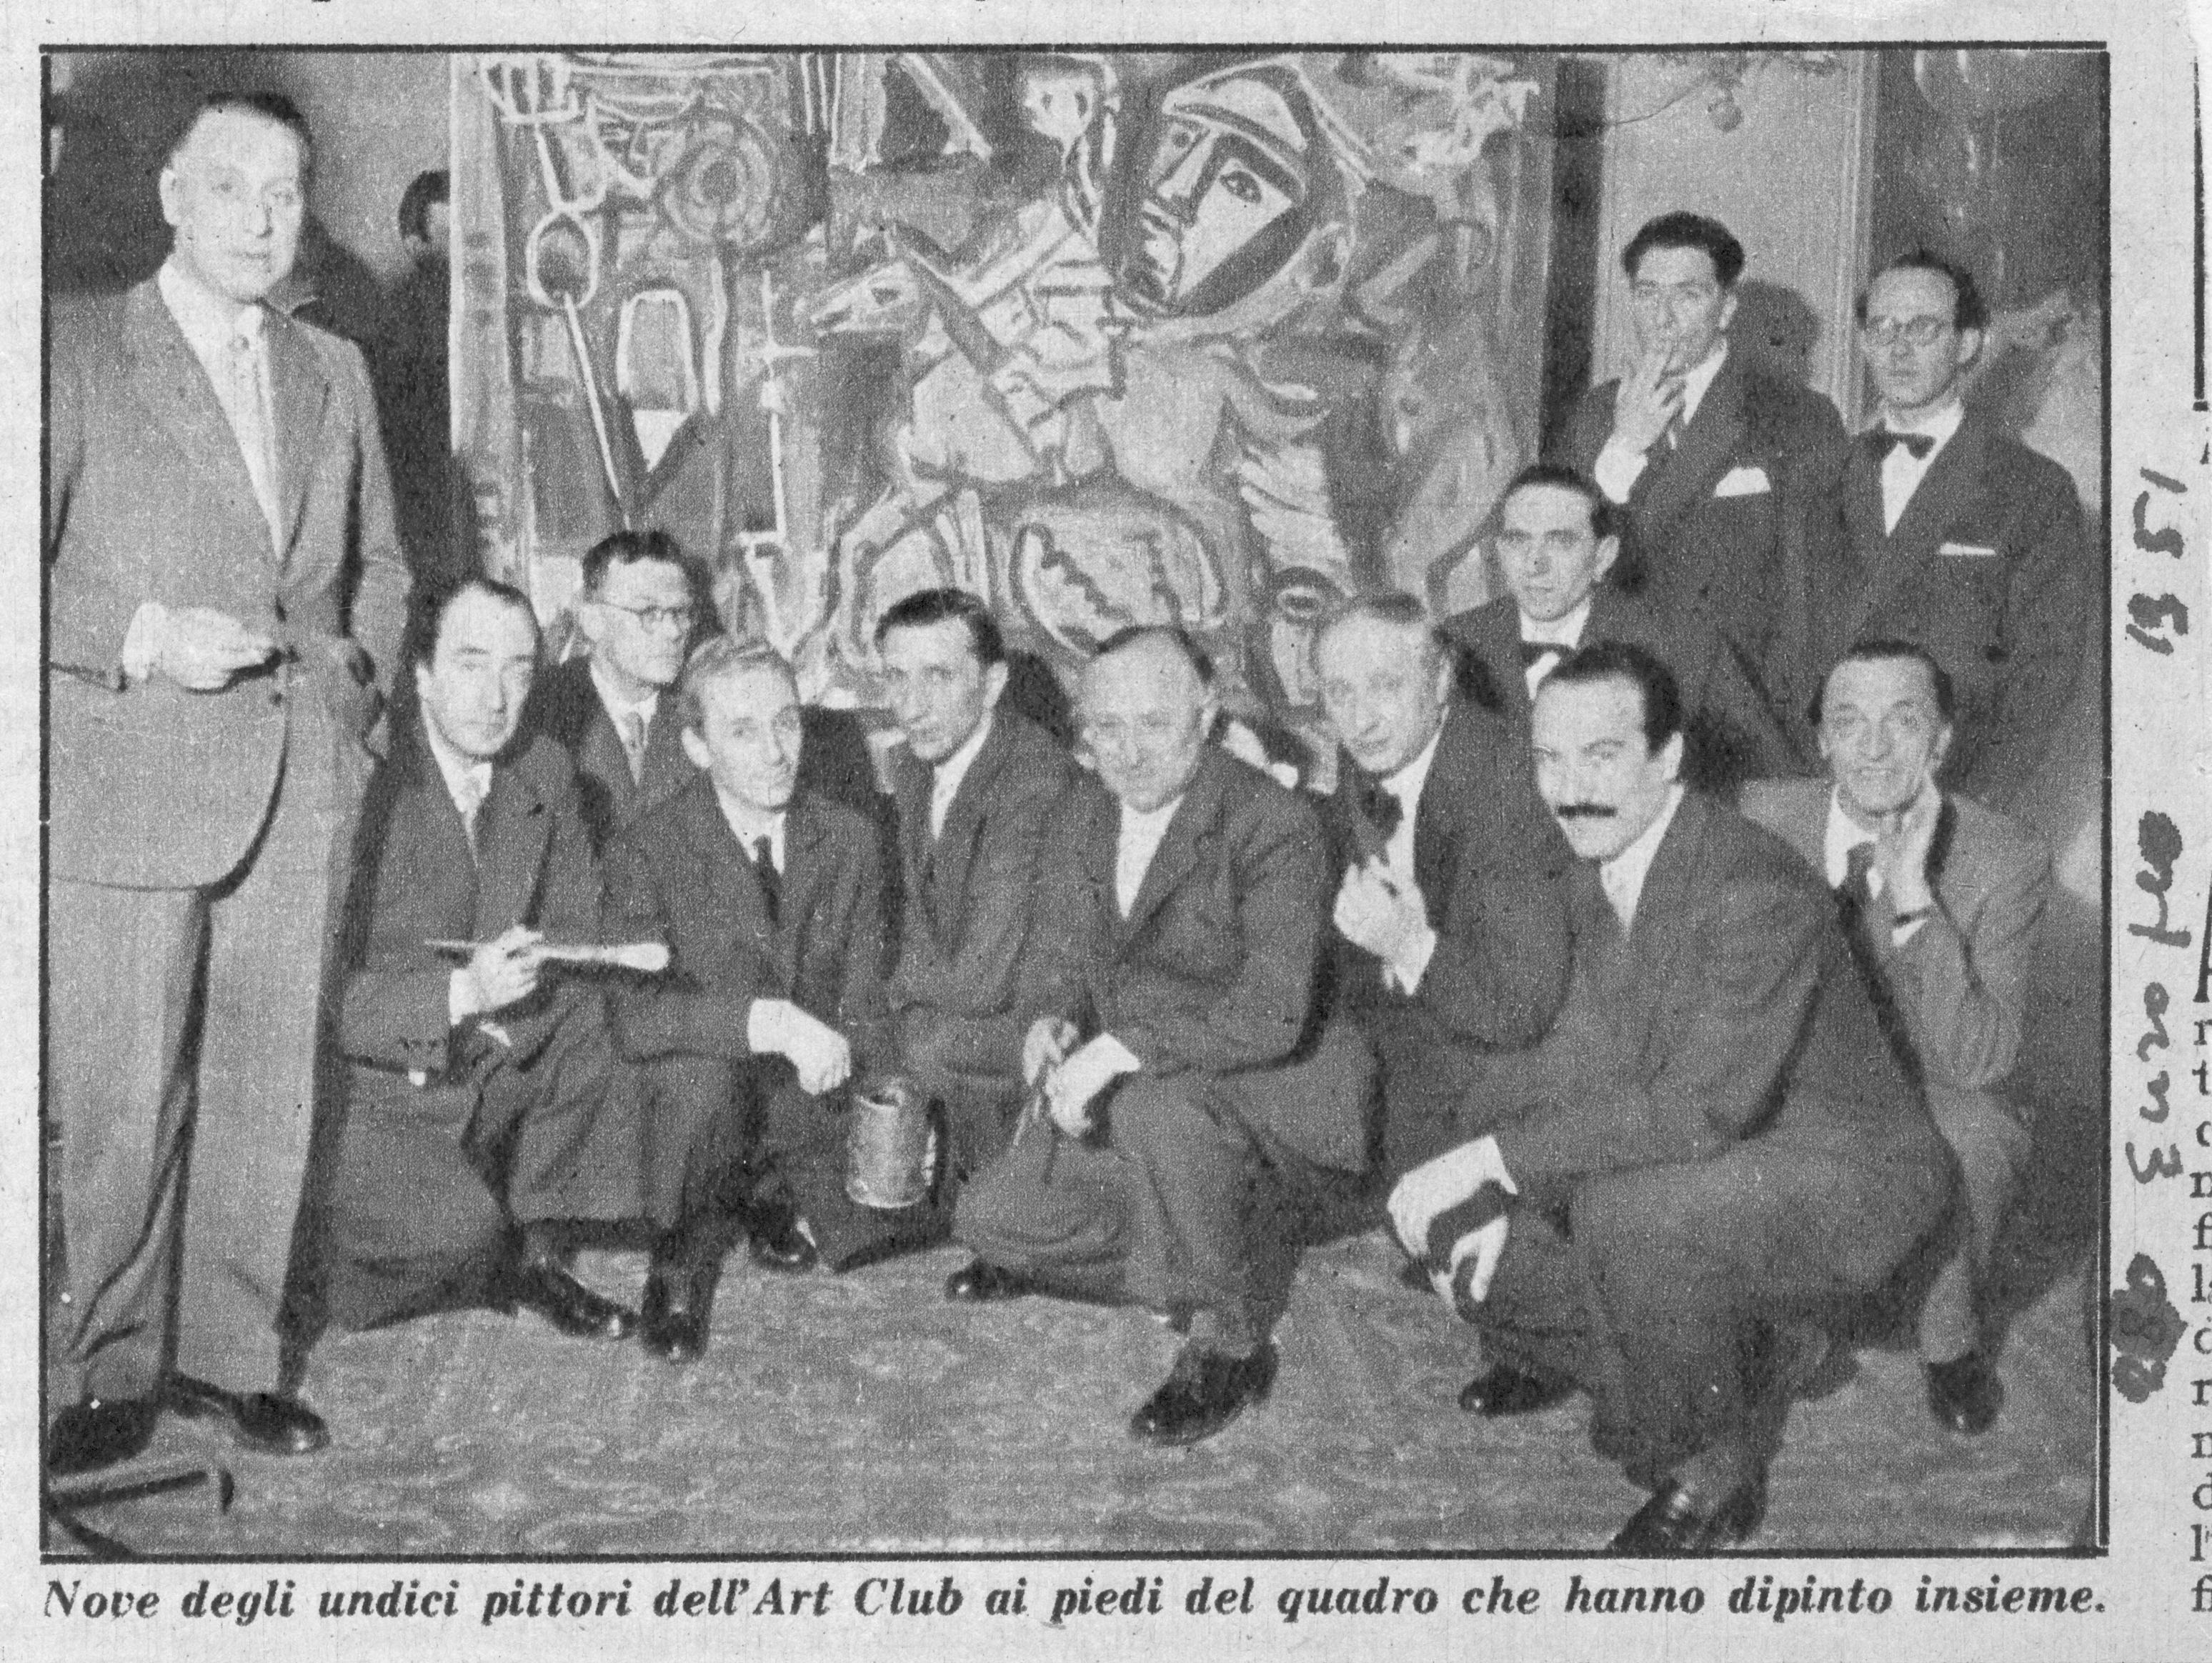 1951 - Tavernari fuma accanto a Raffaele De Grada, seduti Mario Radice e Ennio Morlotti (il secondo e il quarto da sx)